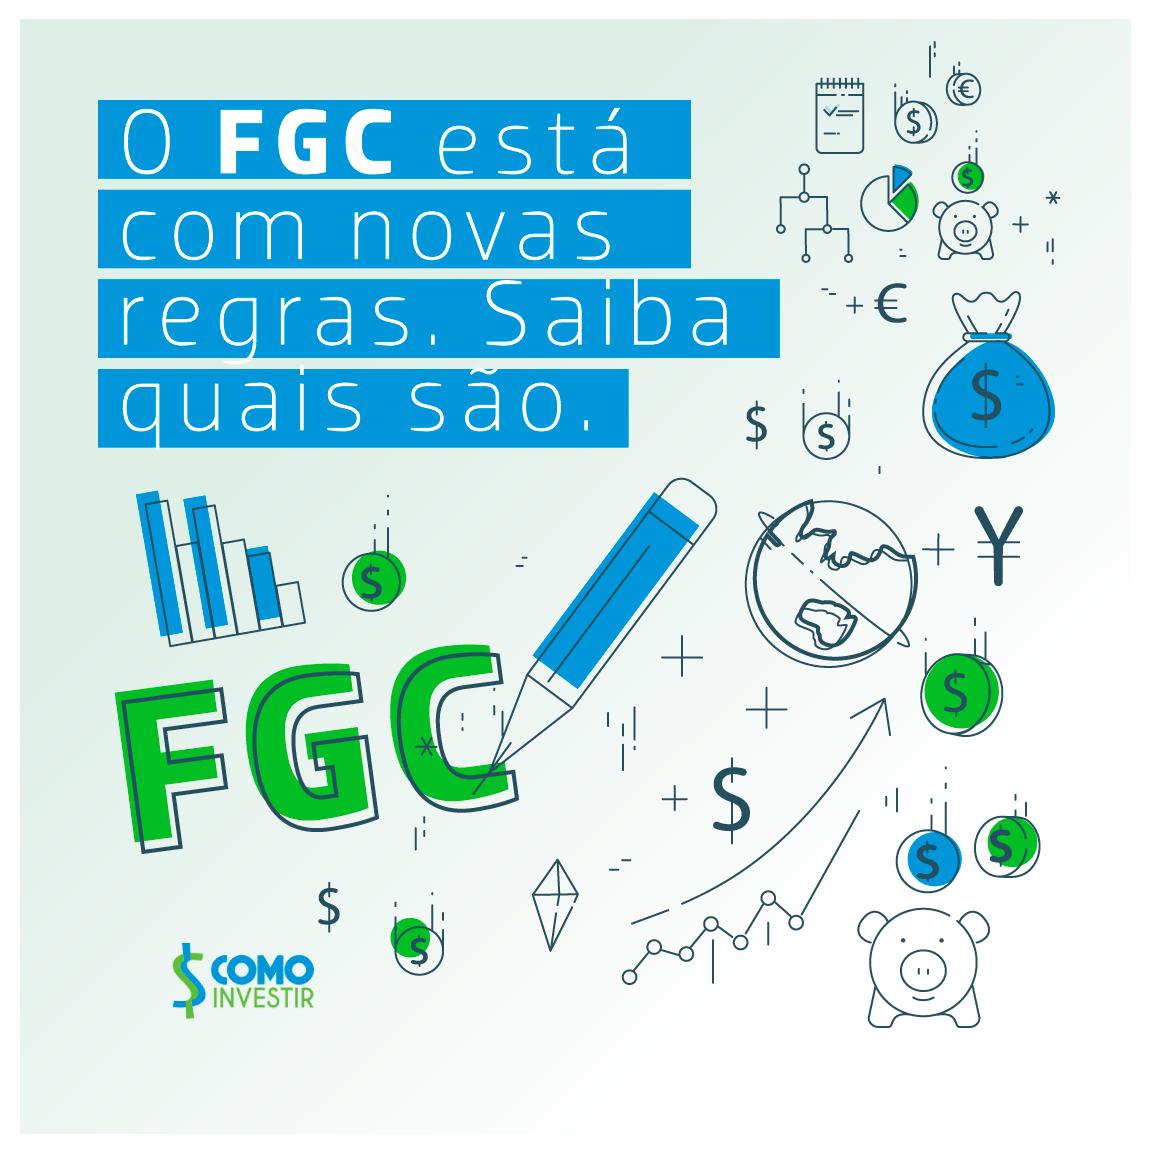 Você conhece as novas regras do FGC?